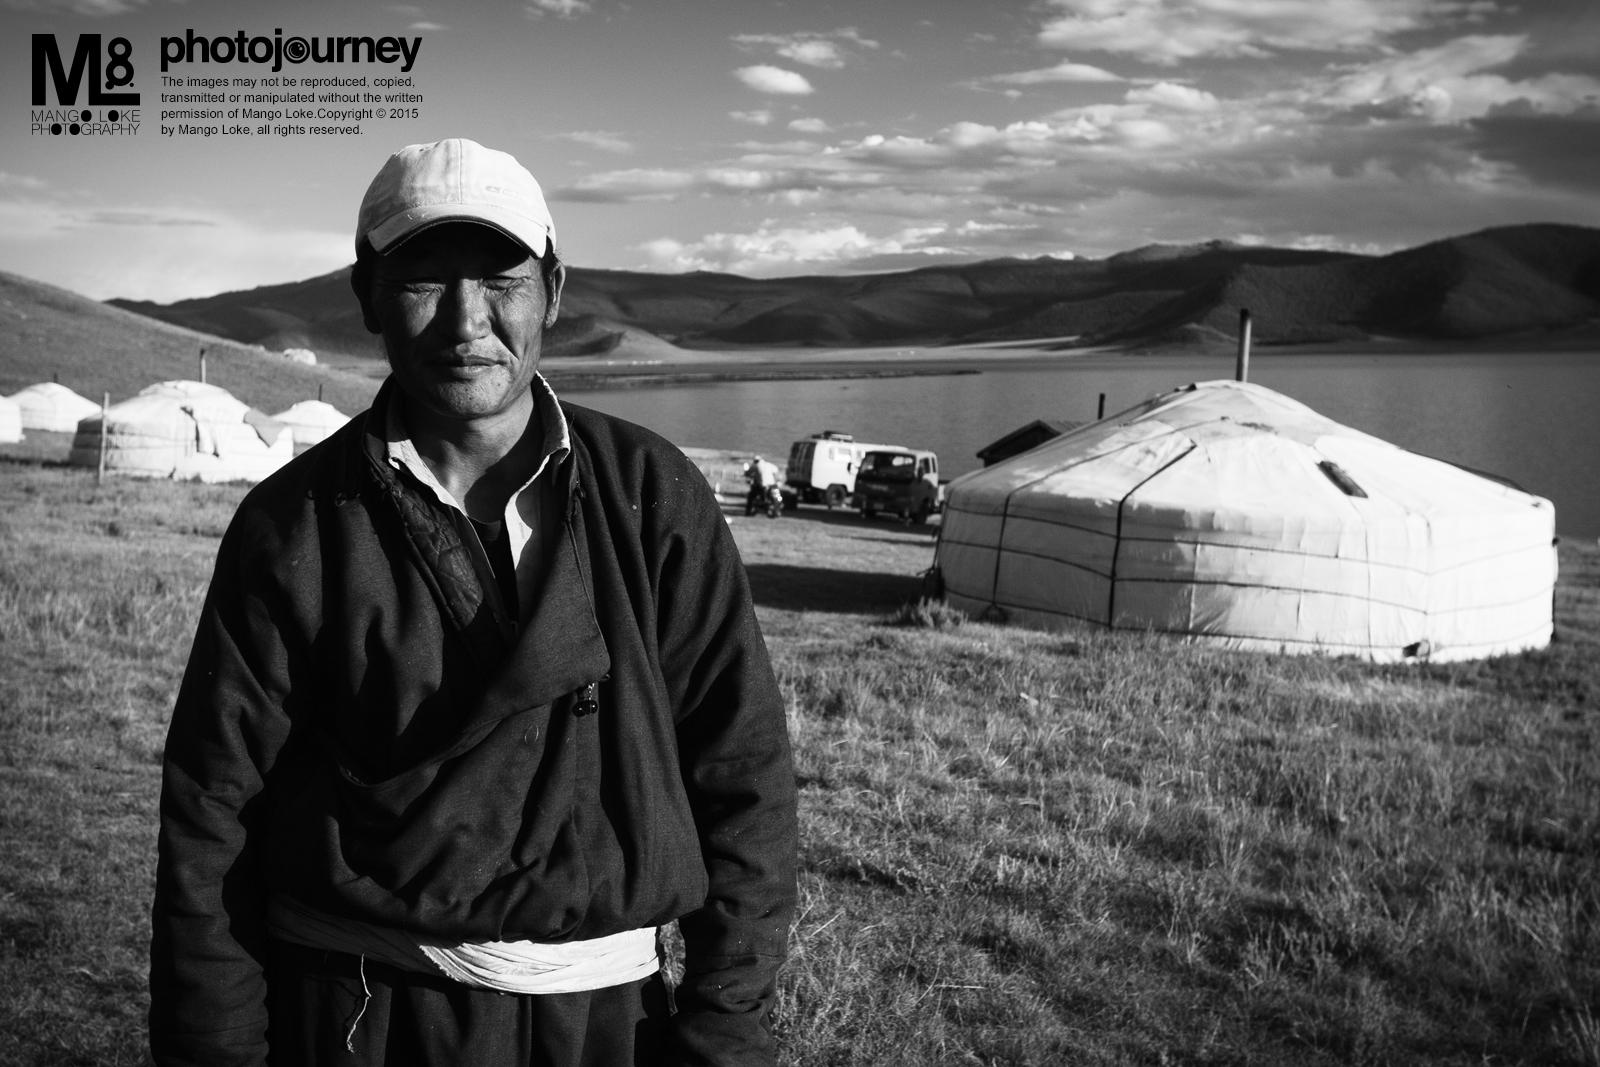 大漠民族.The Mongolian. 蒙古.Mongolia 2011 CANON 1DMKIII 16-35MM F2.8L 1/200 F6.3 ISO200